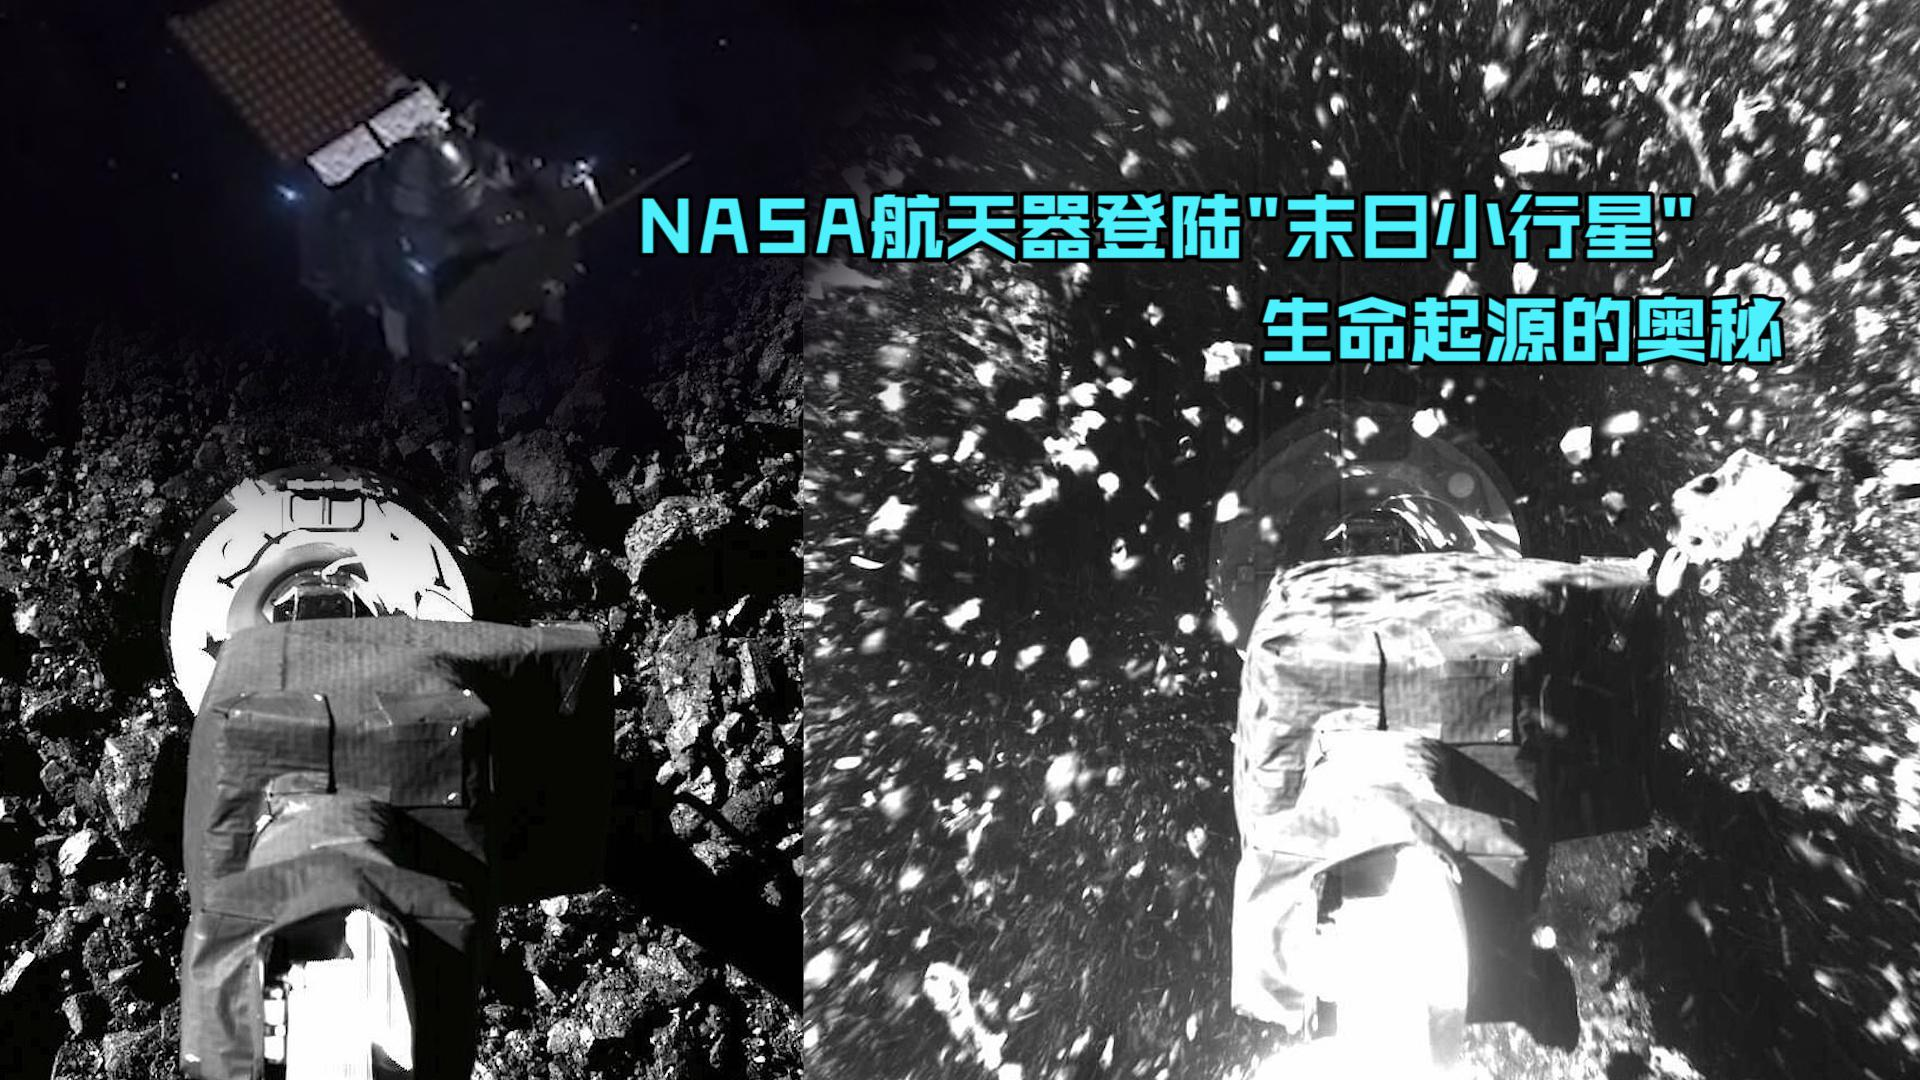 """NASA航天器登陆""""末日小行星"""",撞击瞬间石块迸溅画面震撼"""